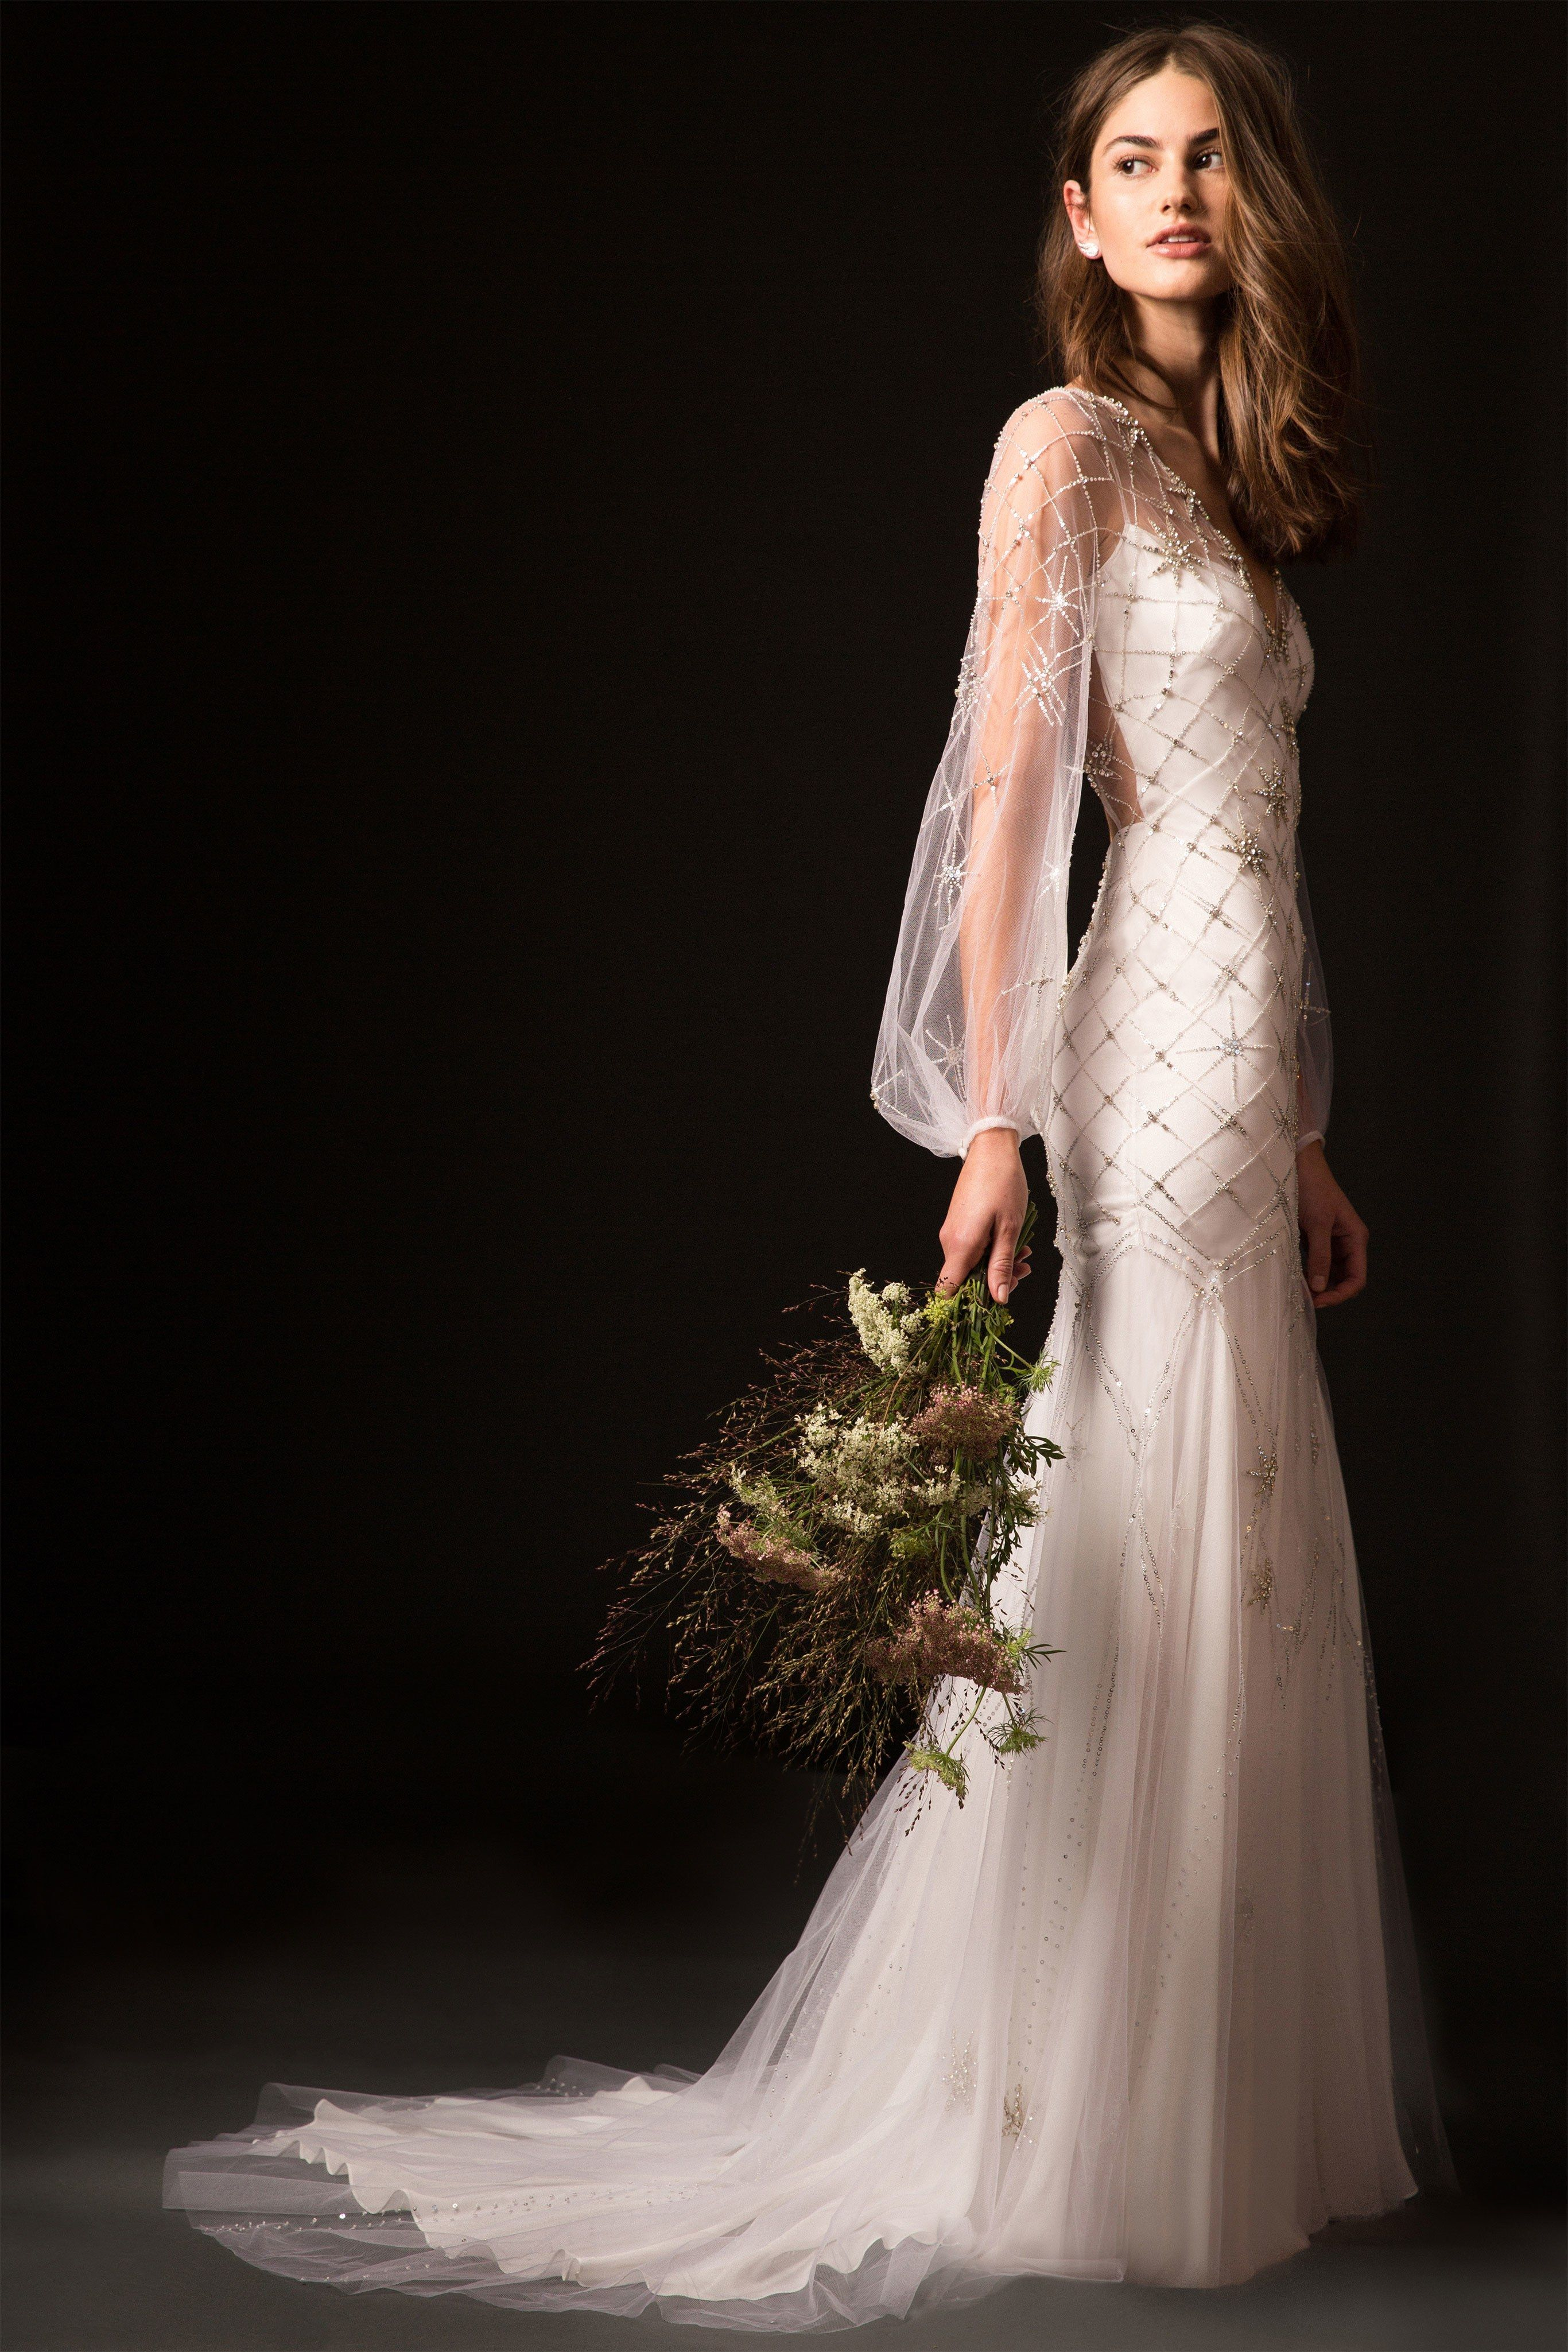 5675942a7a0d Temperley London Bridal Fall 2019 Fashion Show in 2019 | Hazy ...